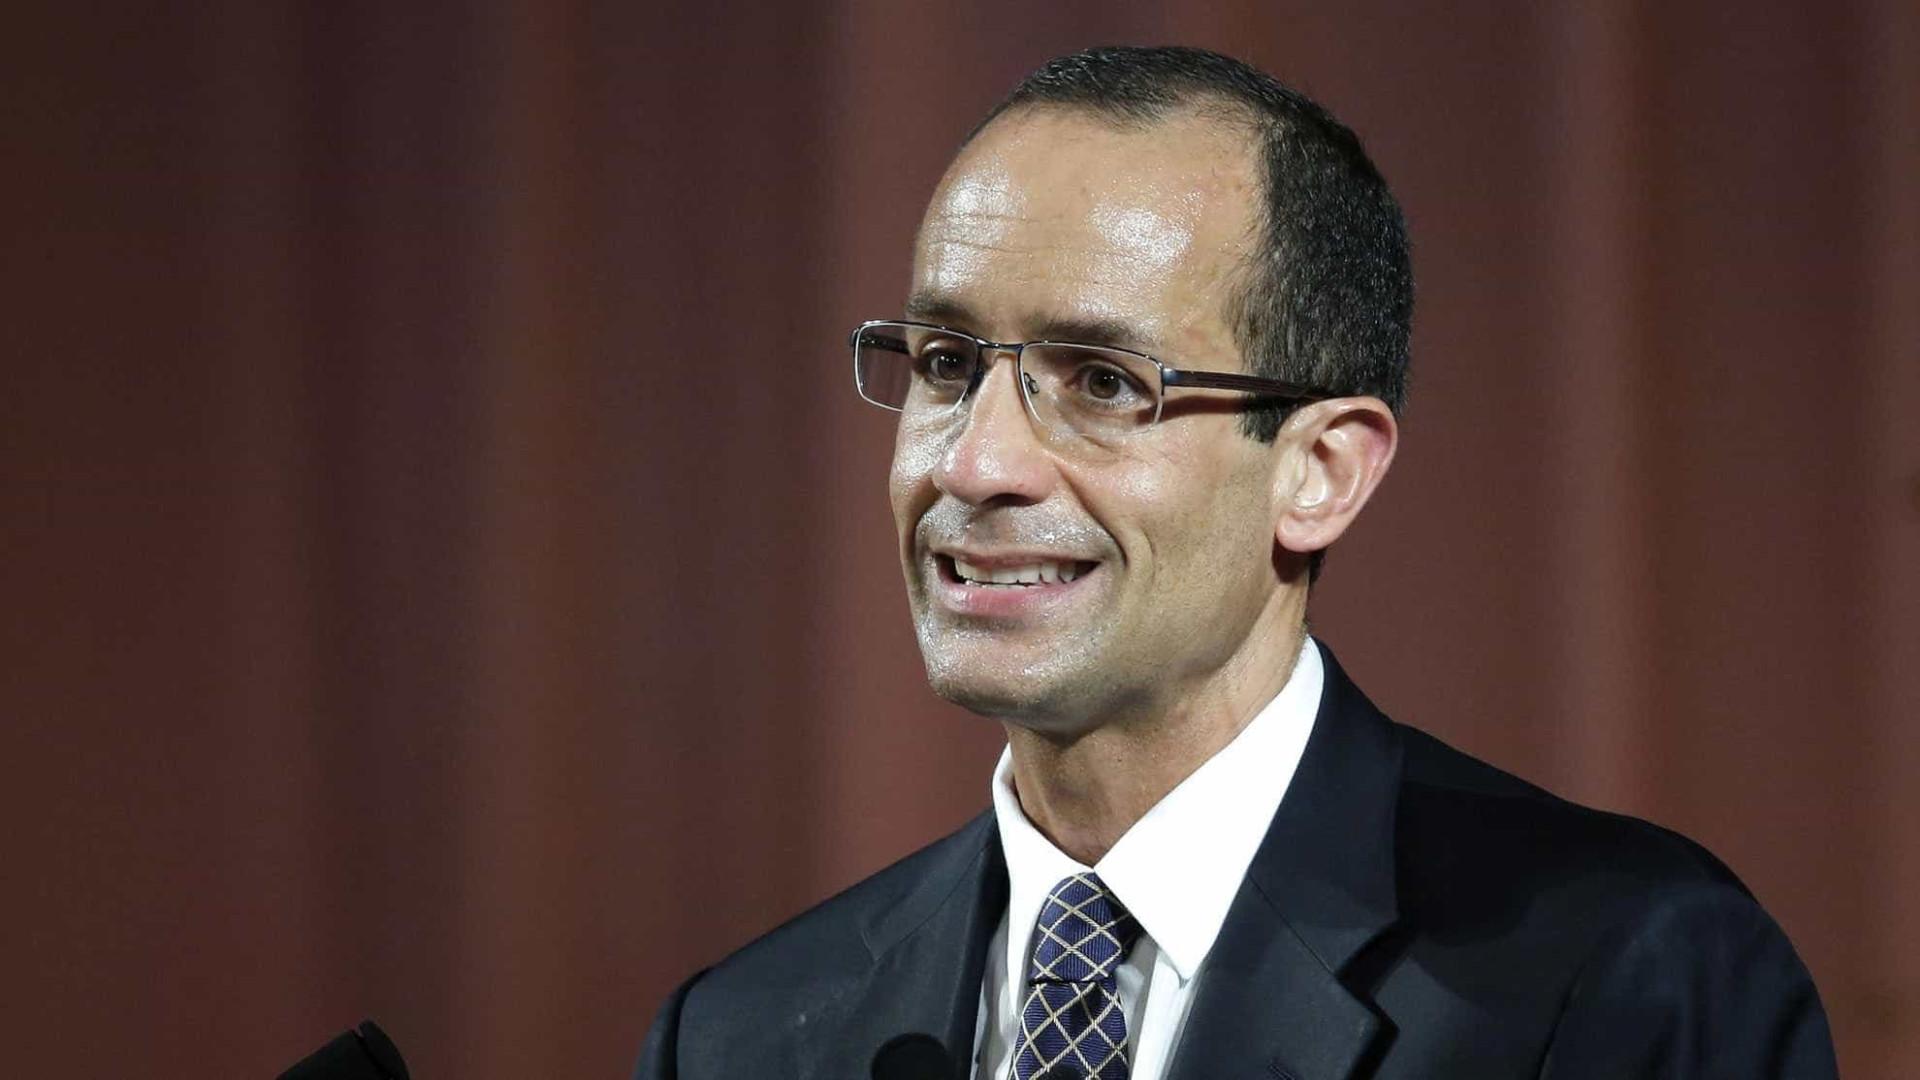 Cunhado ajudou na destruição de provas, insinua Marcelo Odebrecht